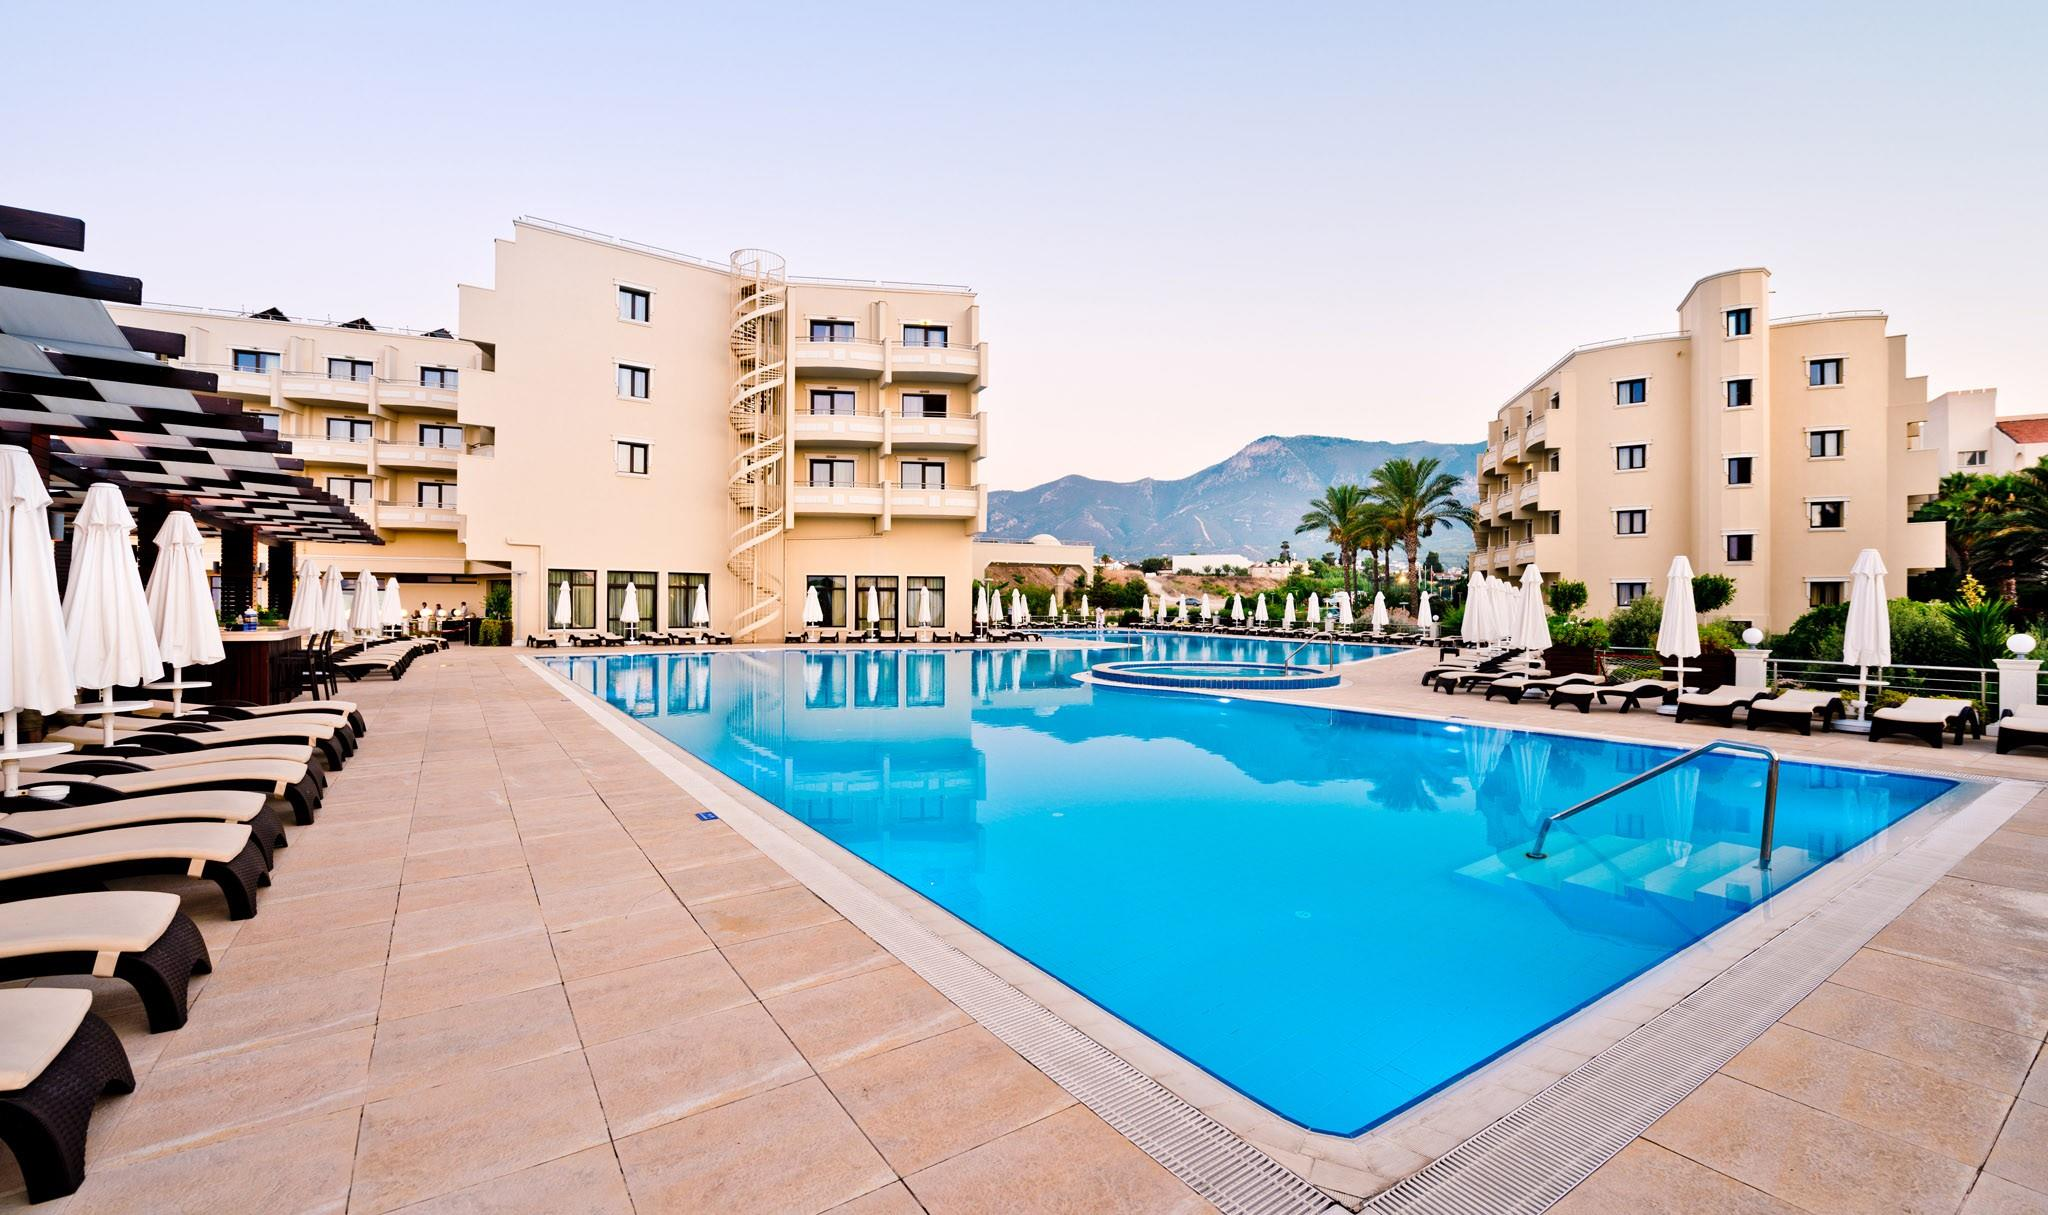 Vuni Palace Hotel205191